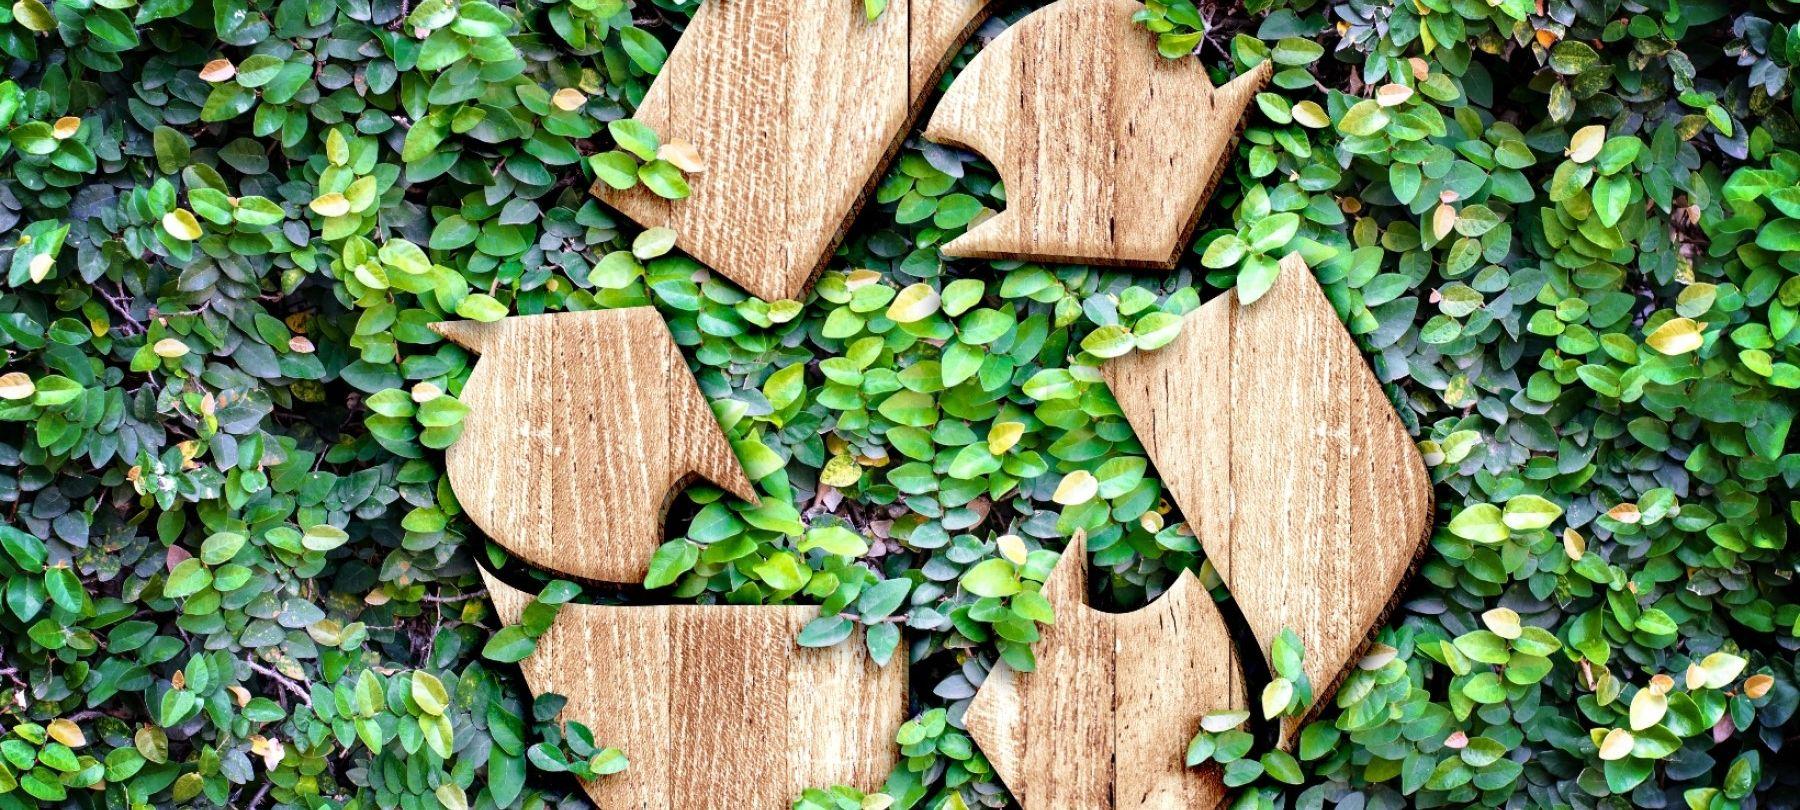 foto eco concept green wall